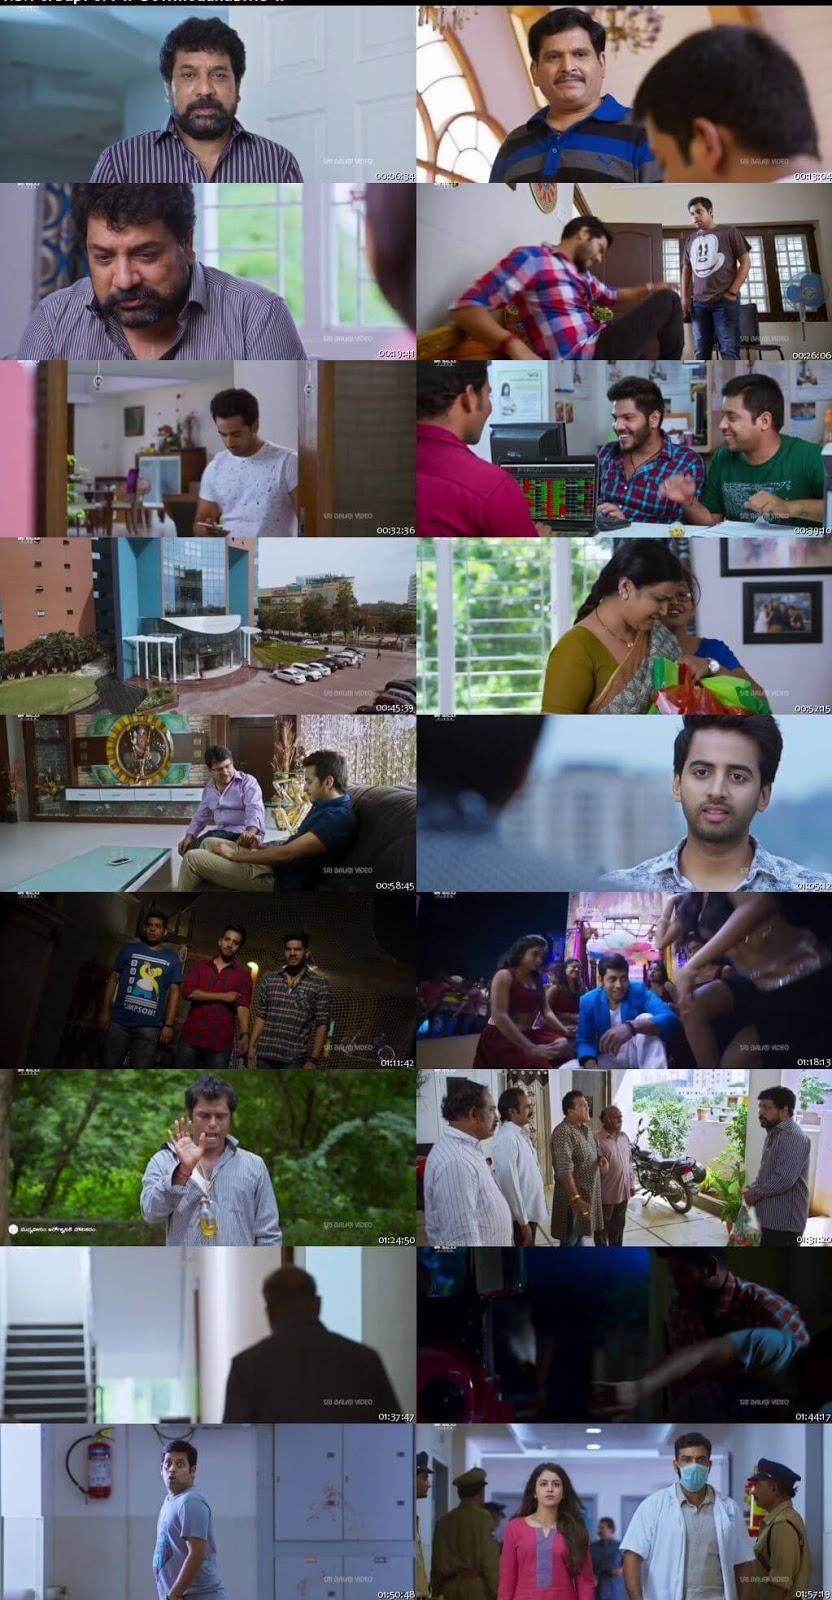 Raja Meeru Keka 2017 UNCUT Hindi Dual Audio 720p HDRip Download